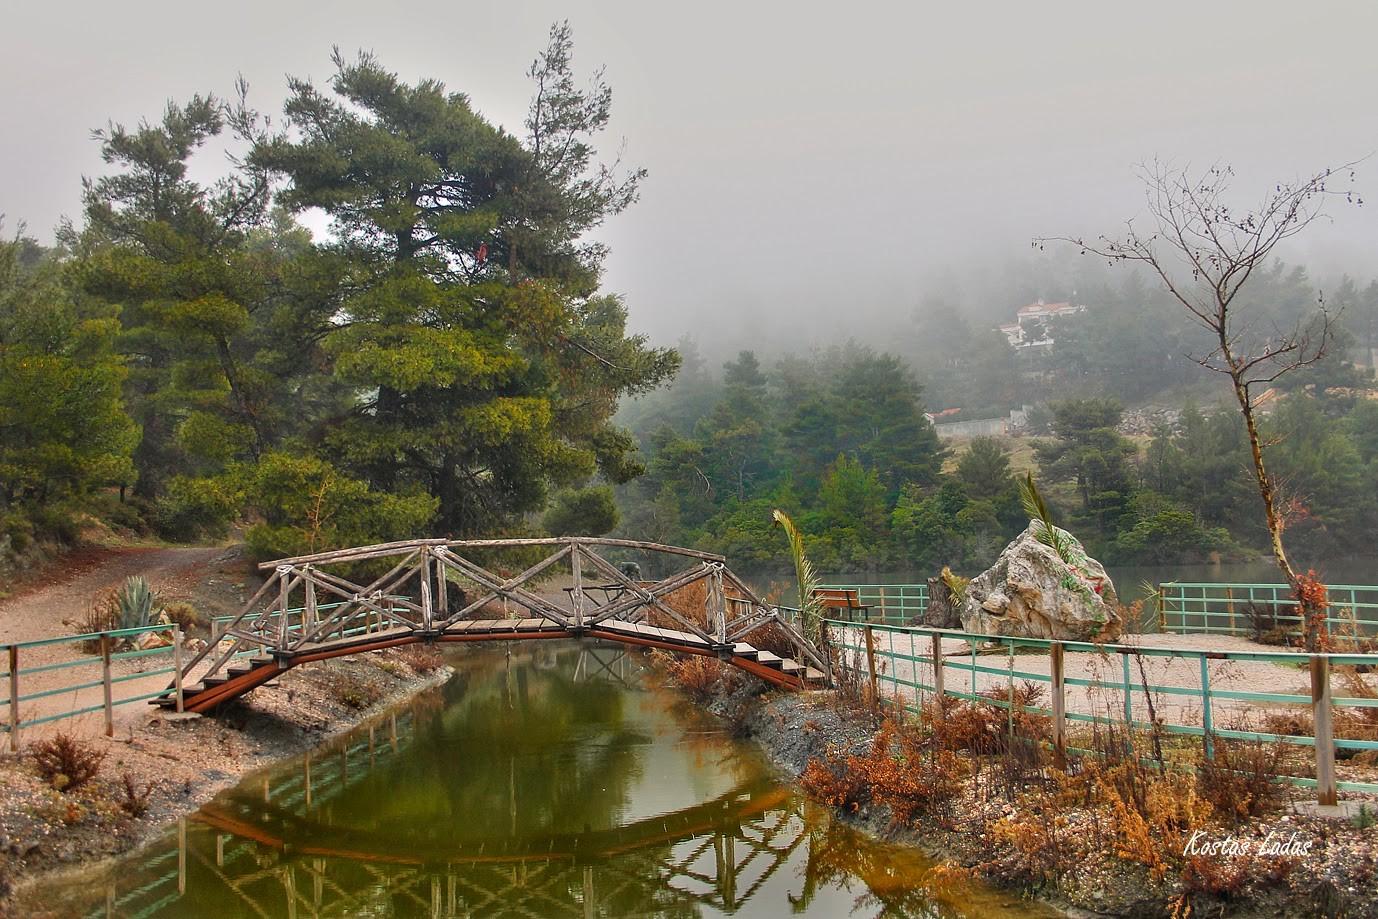 λίμνη μπελέτσι η όαση της Αθήνας